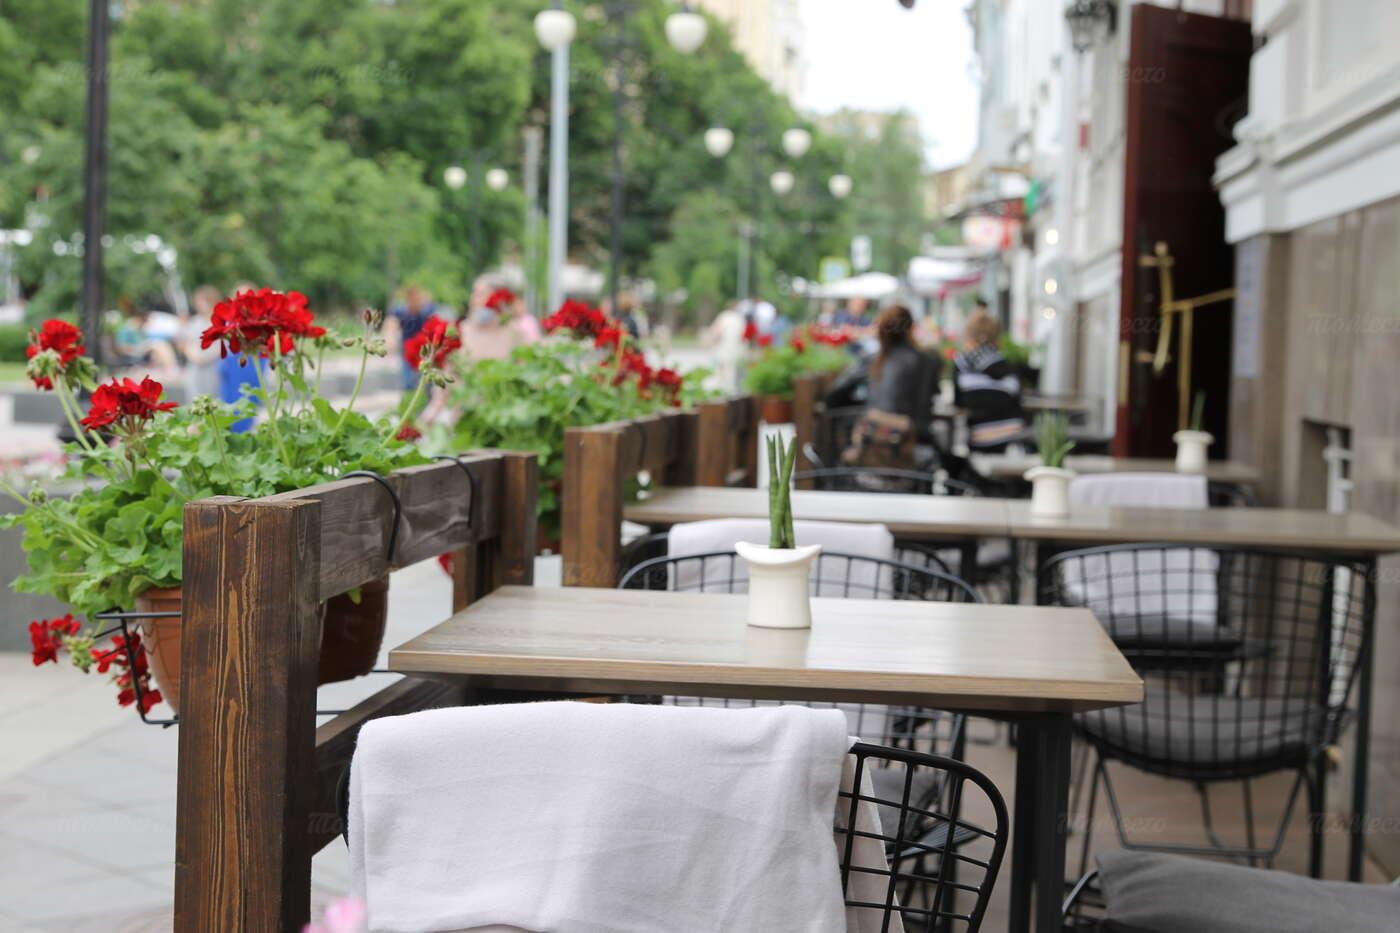 Ресторан СЕВЕРЭВЕР (CEBEREVER) в Пятницком переулке фото 11